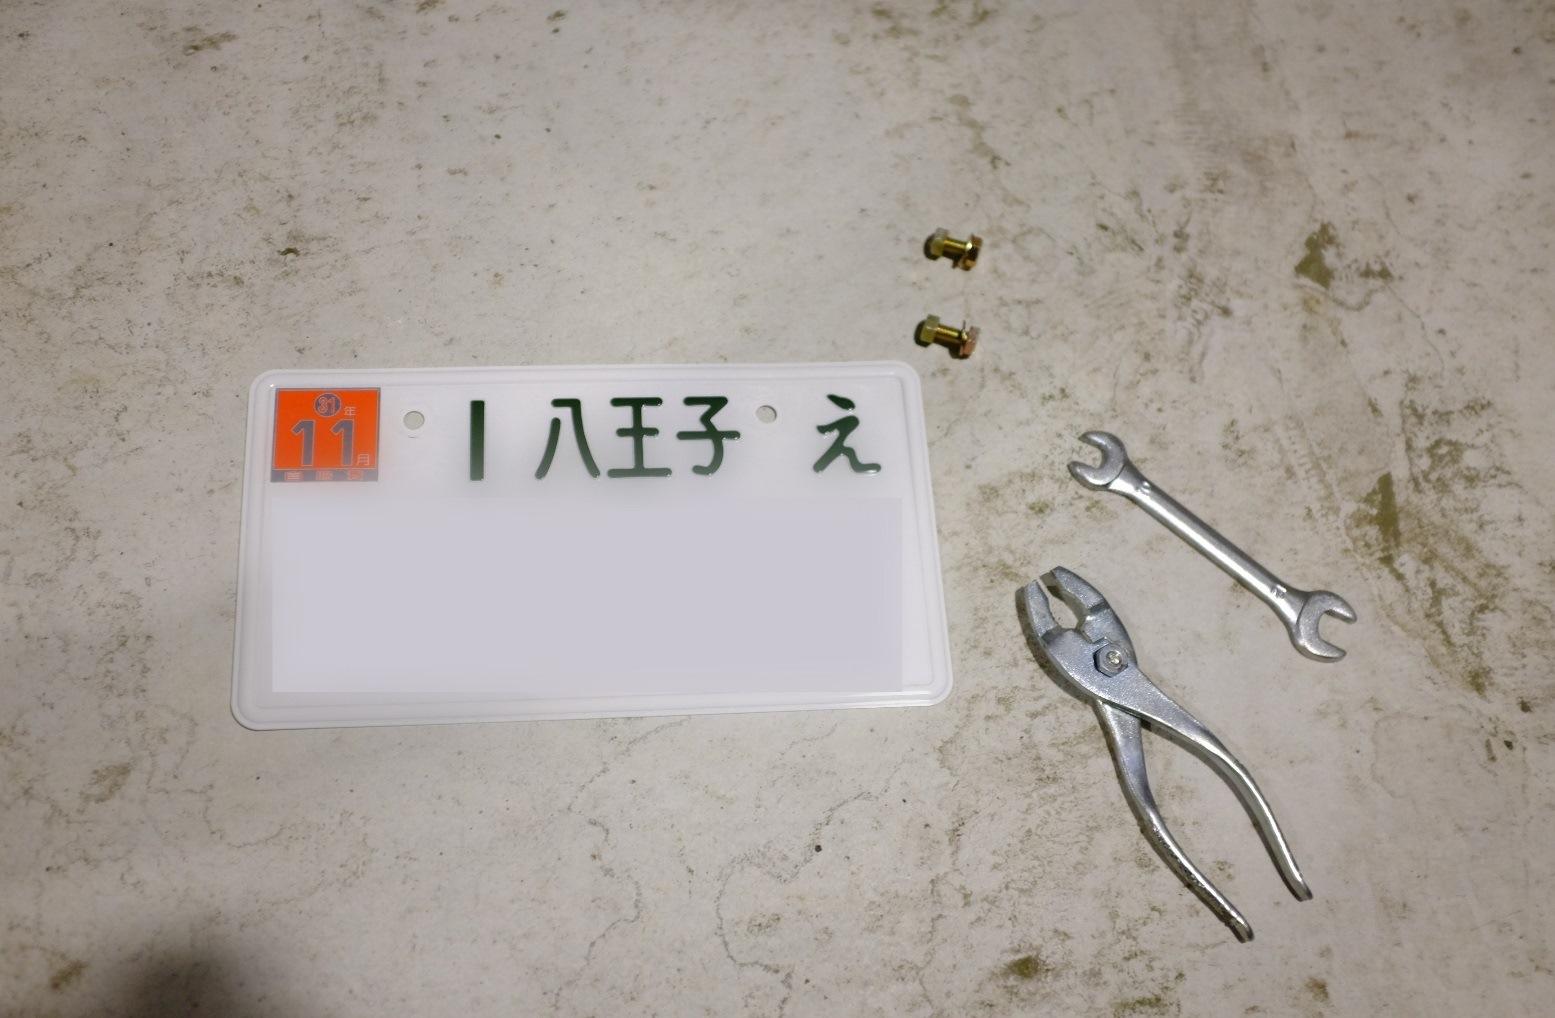 ナンバープレートホルダーの設置_d0233770_2342150.jpg